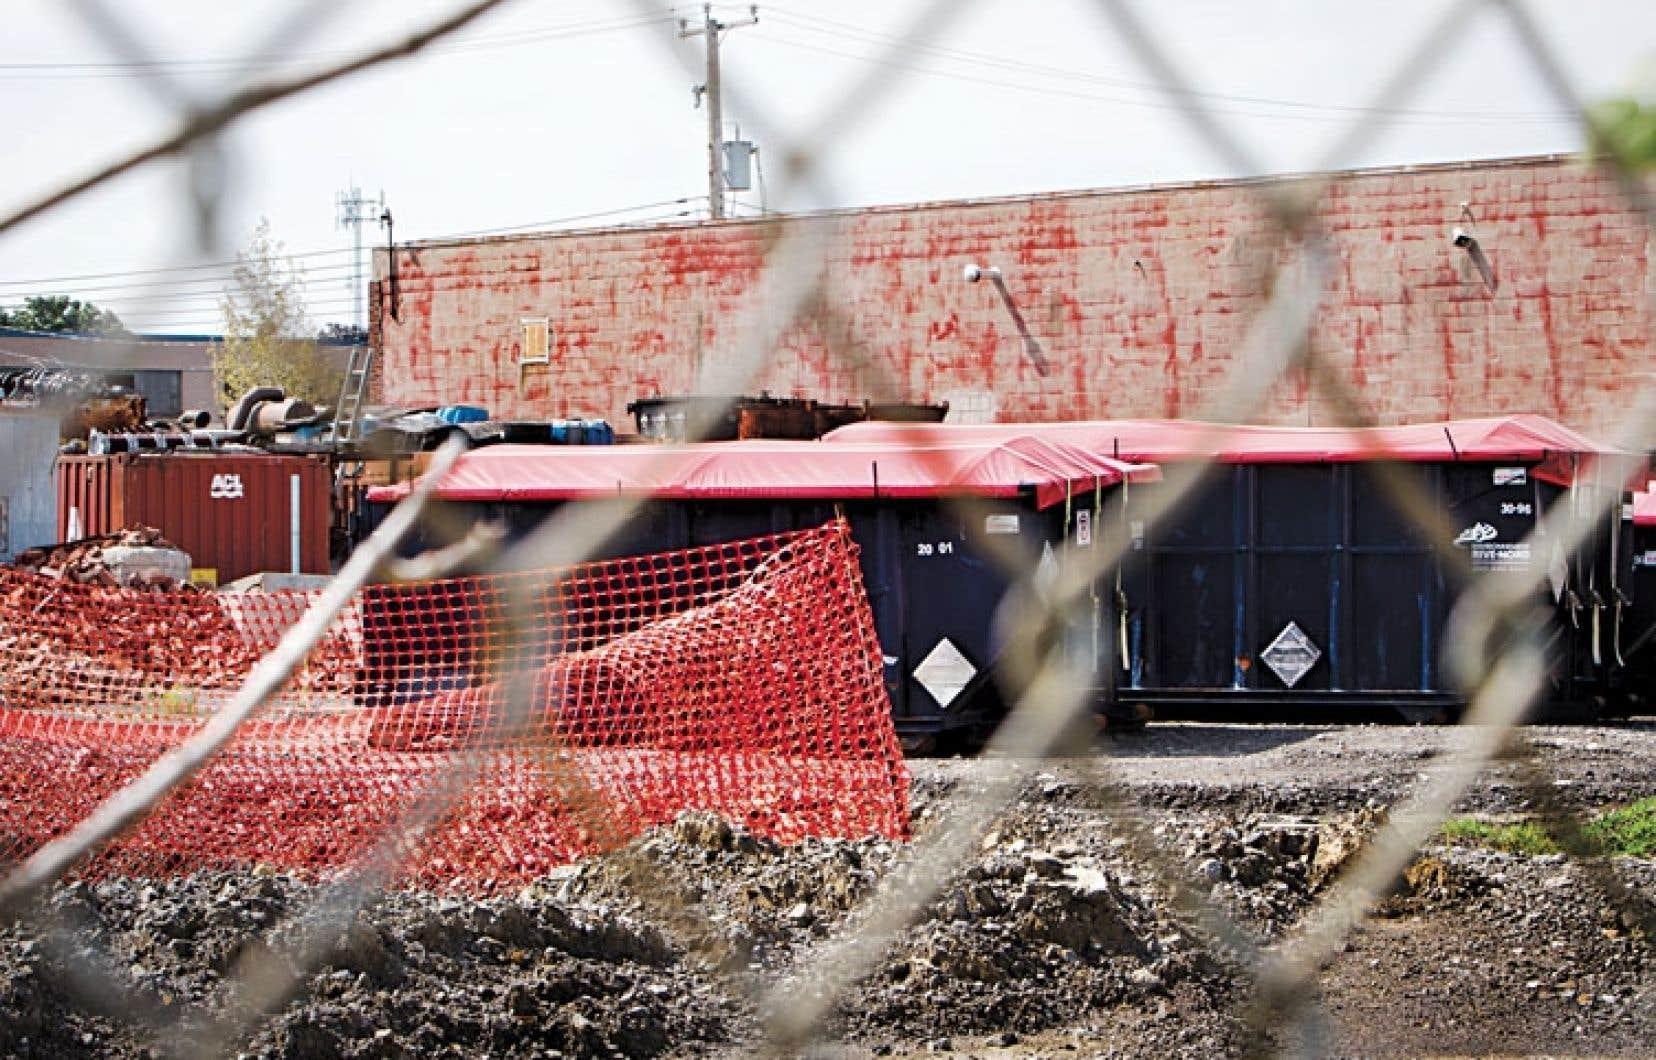 Des conteneurs remplis de substances contaminées récupérées sur le site de l'entreprise Reliance, à Pointe-Claire.